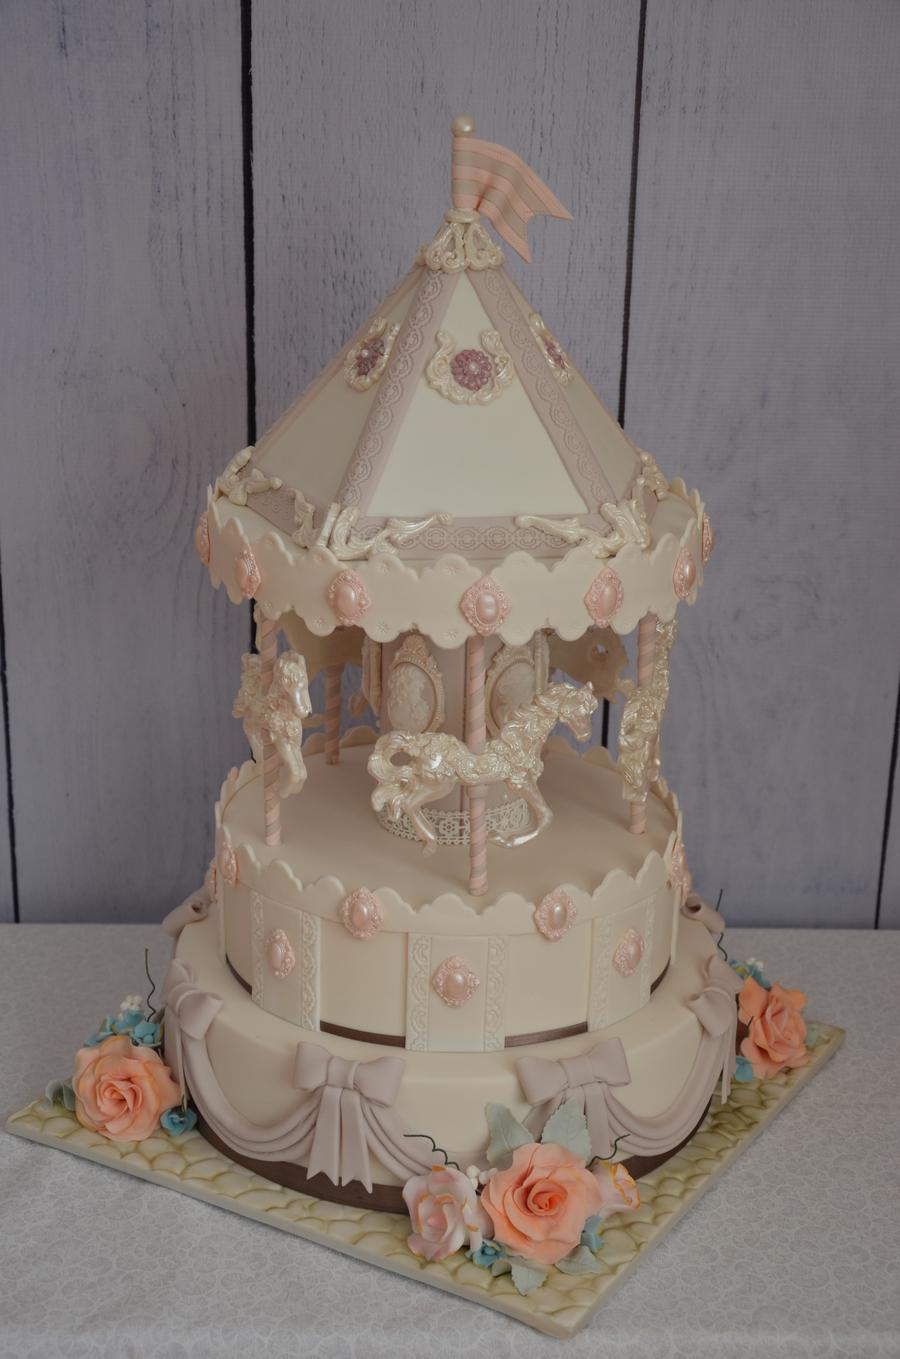 9k4NsWxkic-carousel-cake_900.jpg